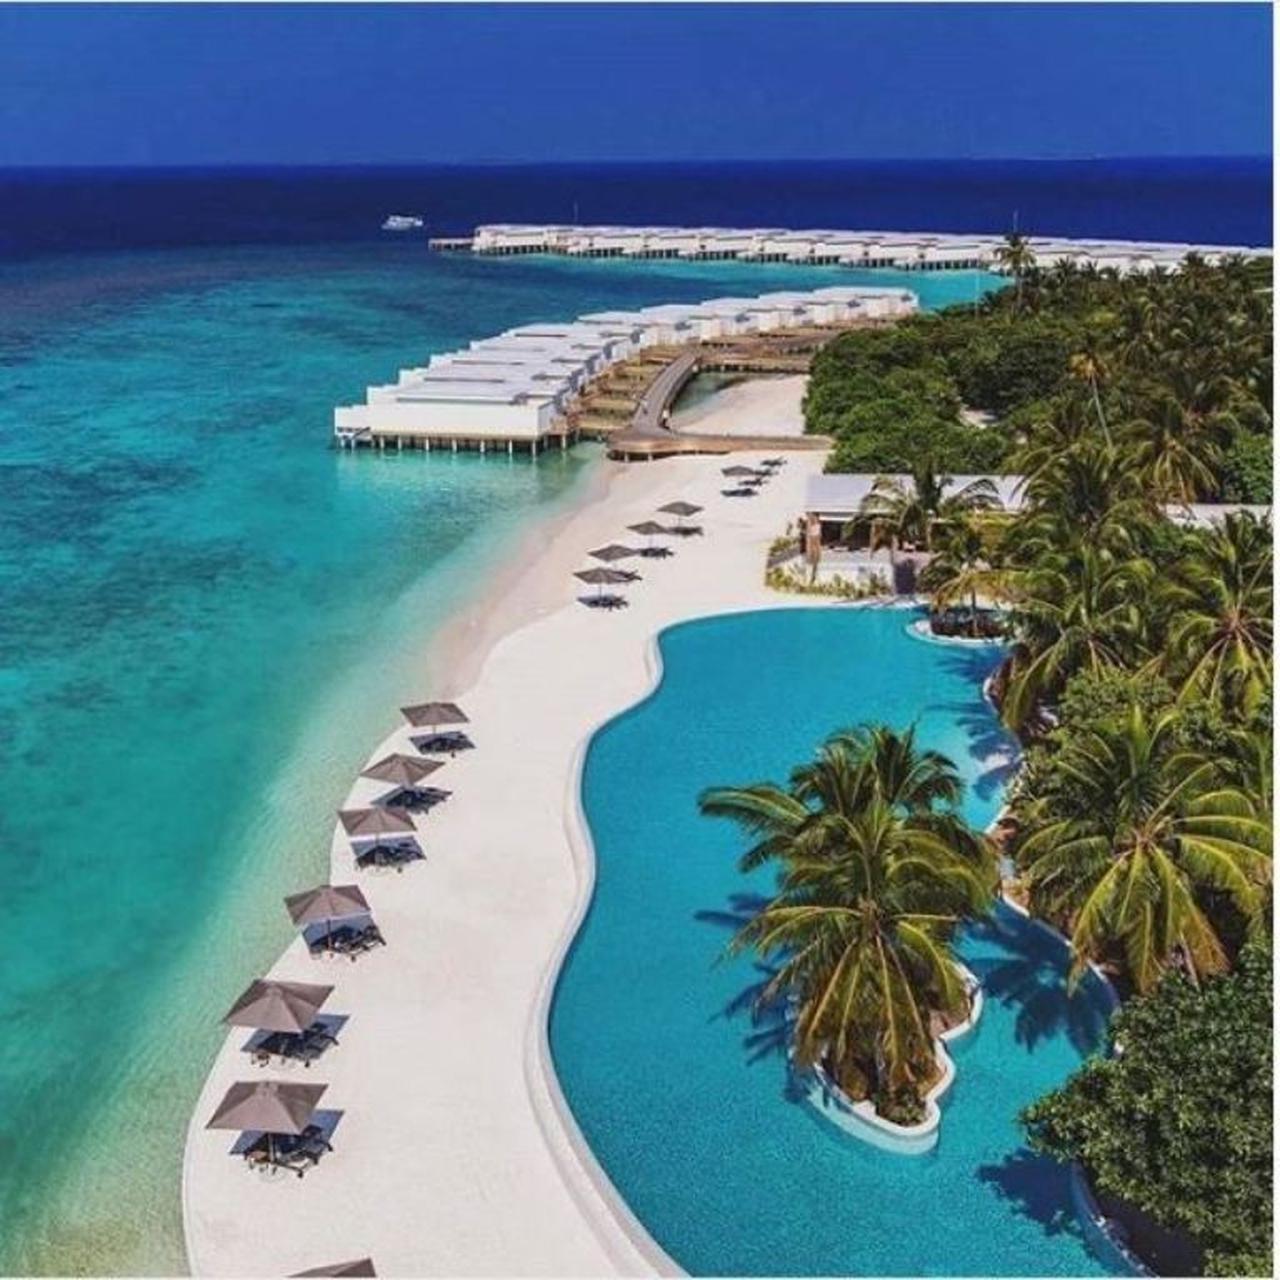 Dilarang Berbikini dan 5 Hal Lain yang Harus Diketahui tentang Maladewa